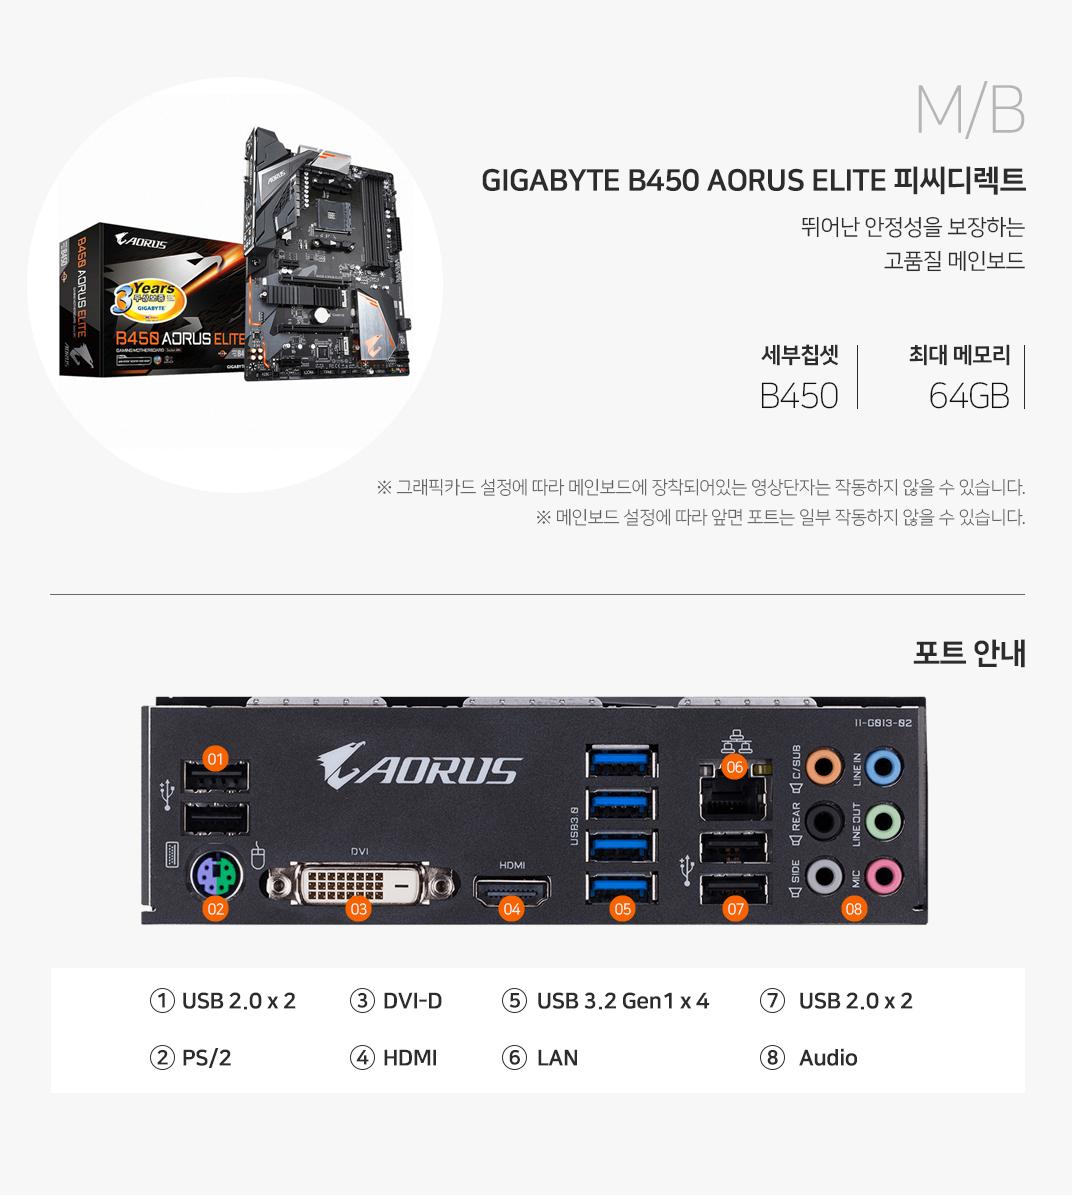 M/B GIGABYTE B450 AORUS ELITE 피씨디렉트 뛰어난 안정성을 보장하는 고품질 메인보드 세부칩셋 B450 최대메모리 64GB 그래픽 설정에 따라 메인보드에 장착되어 있는 영상단자는 작동하지 않을 수 있습니다. 메인보드 설정에 따라 앞면 포트는 일부 작동하지 않을 수 있습니다.